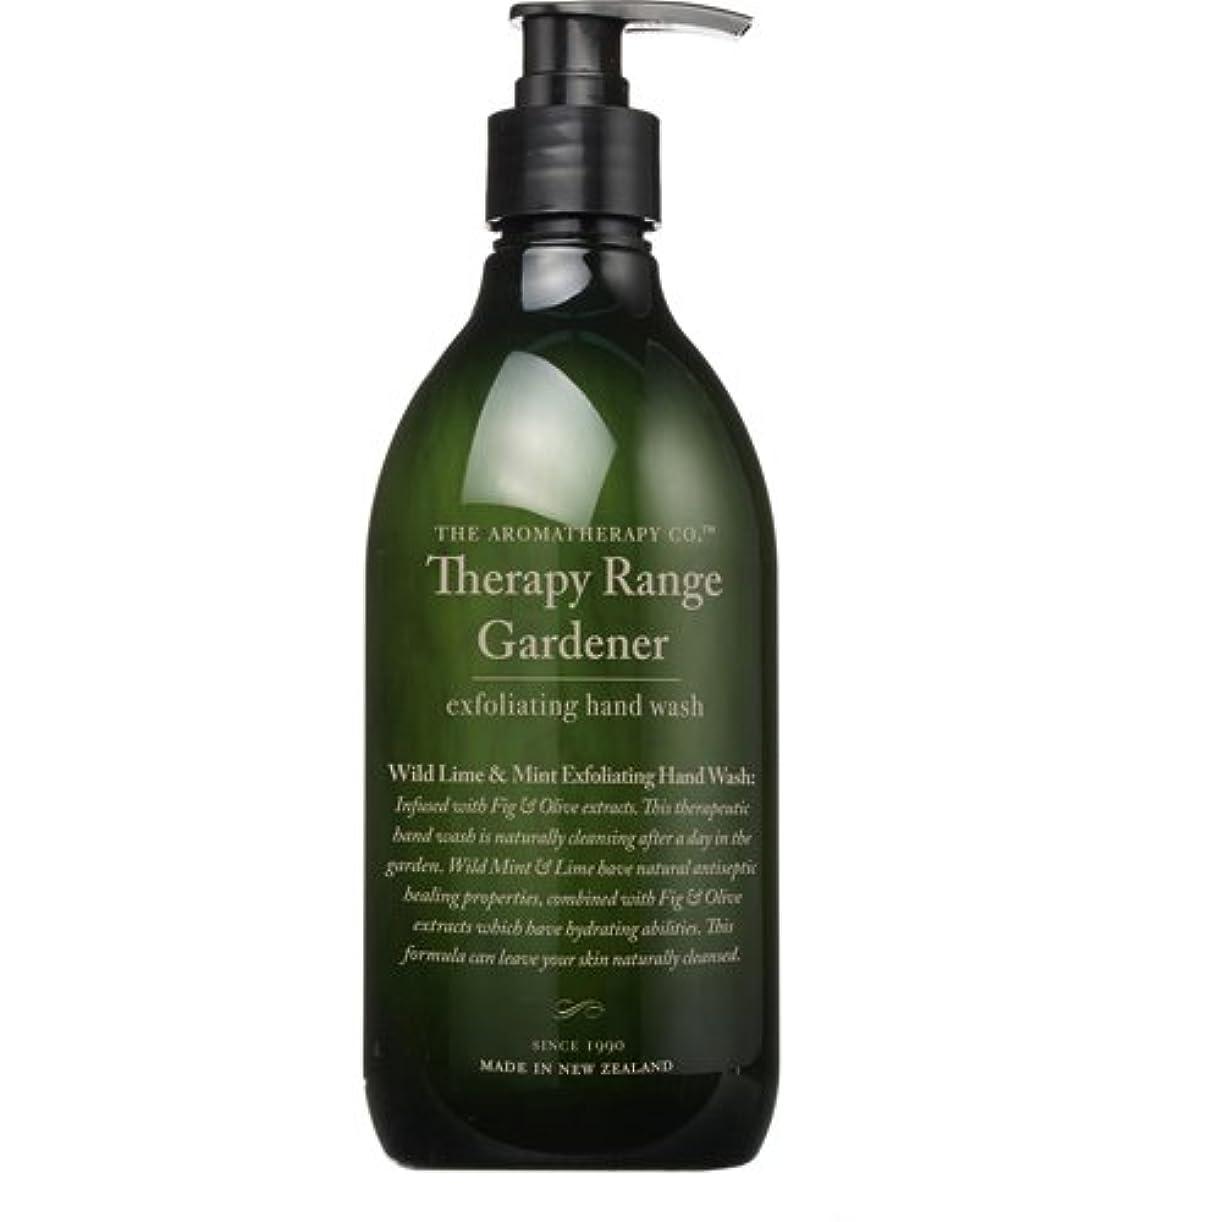 平野クスコ差別化するTherapy Garden セラピーガーデン Hand&Body Wash ハンド&ボディウォッシュ